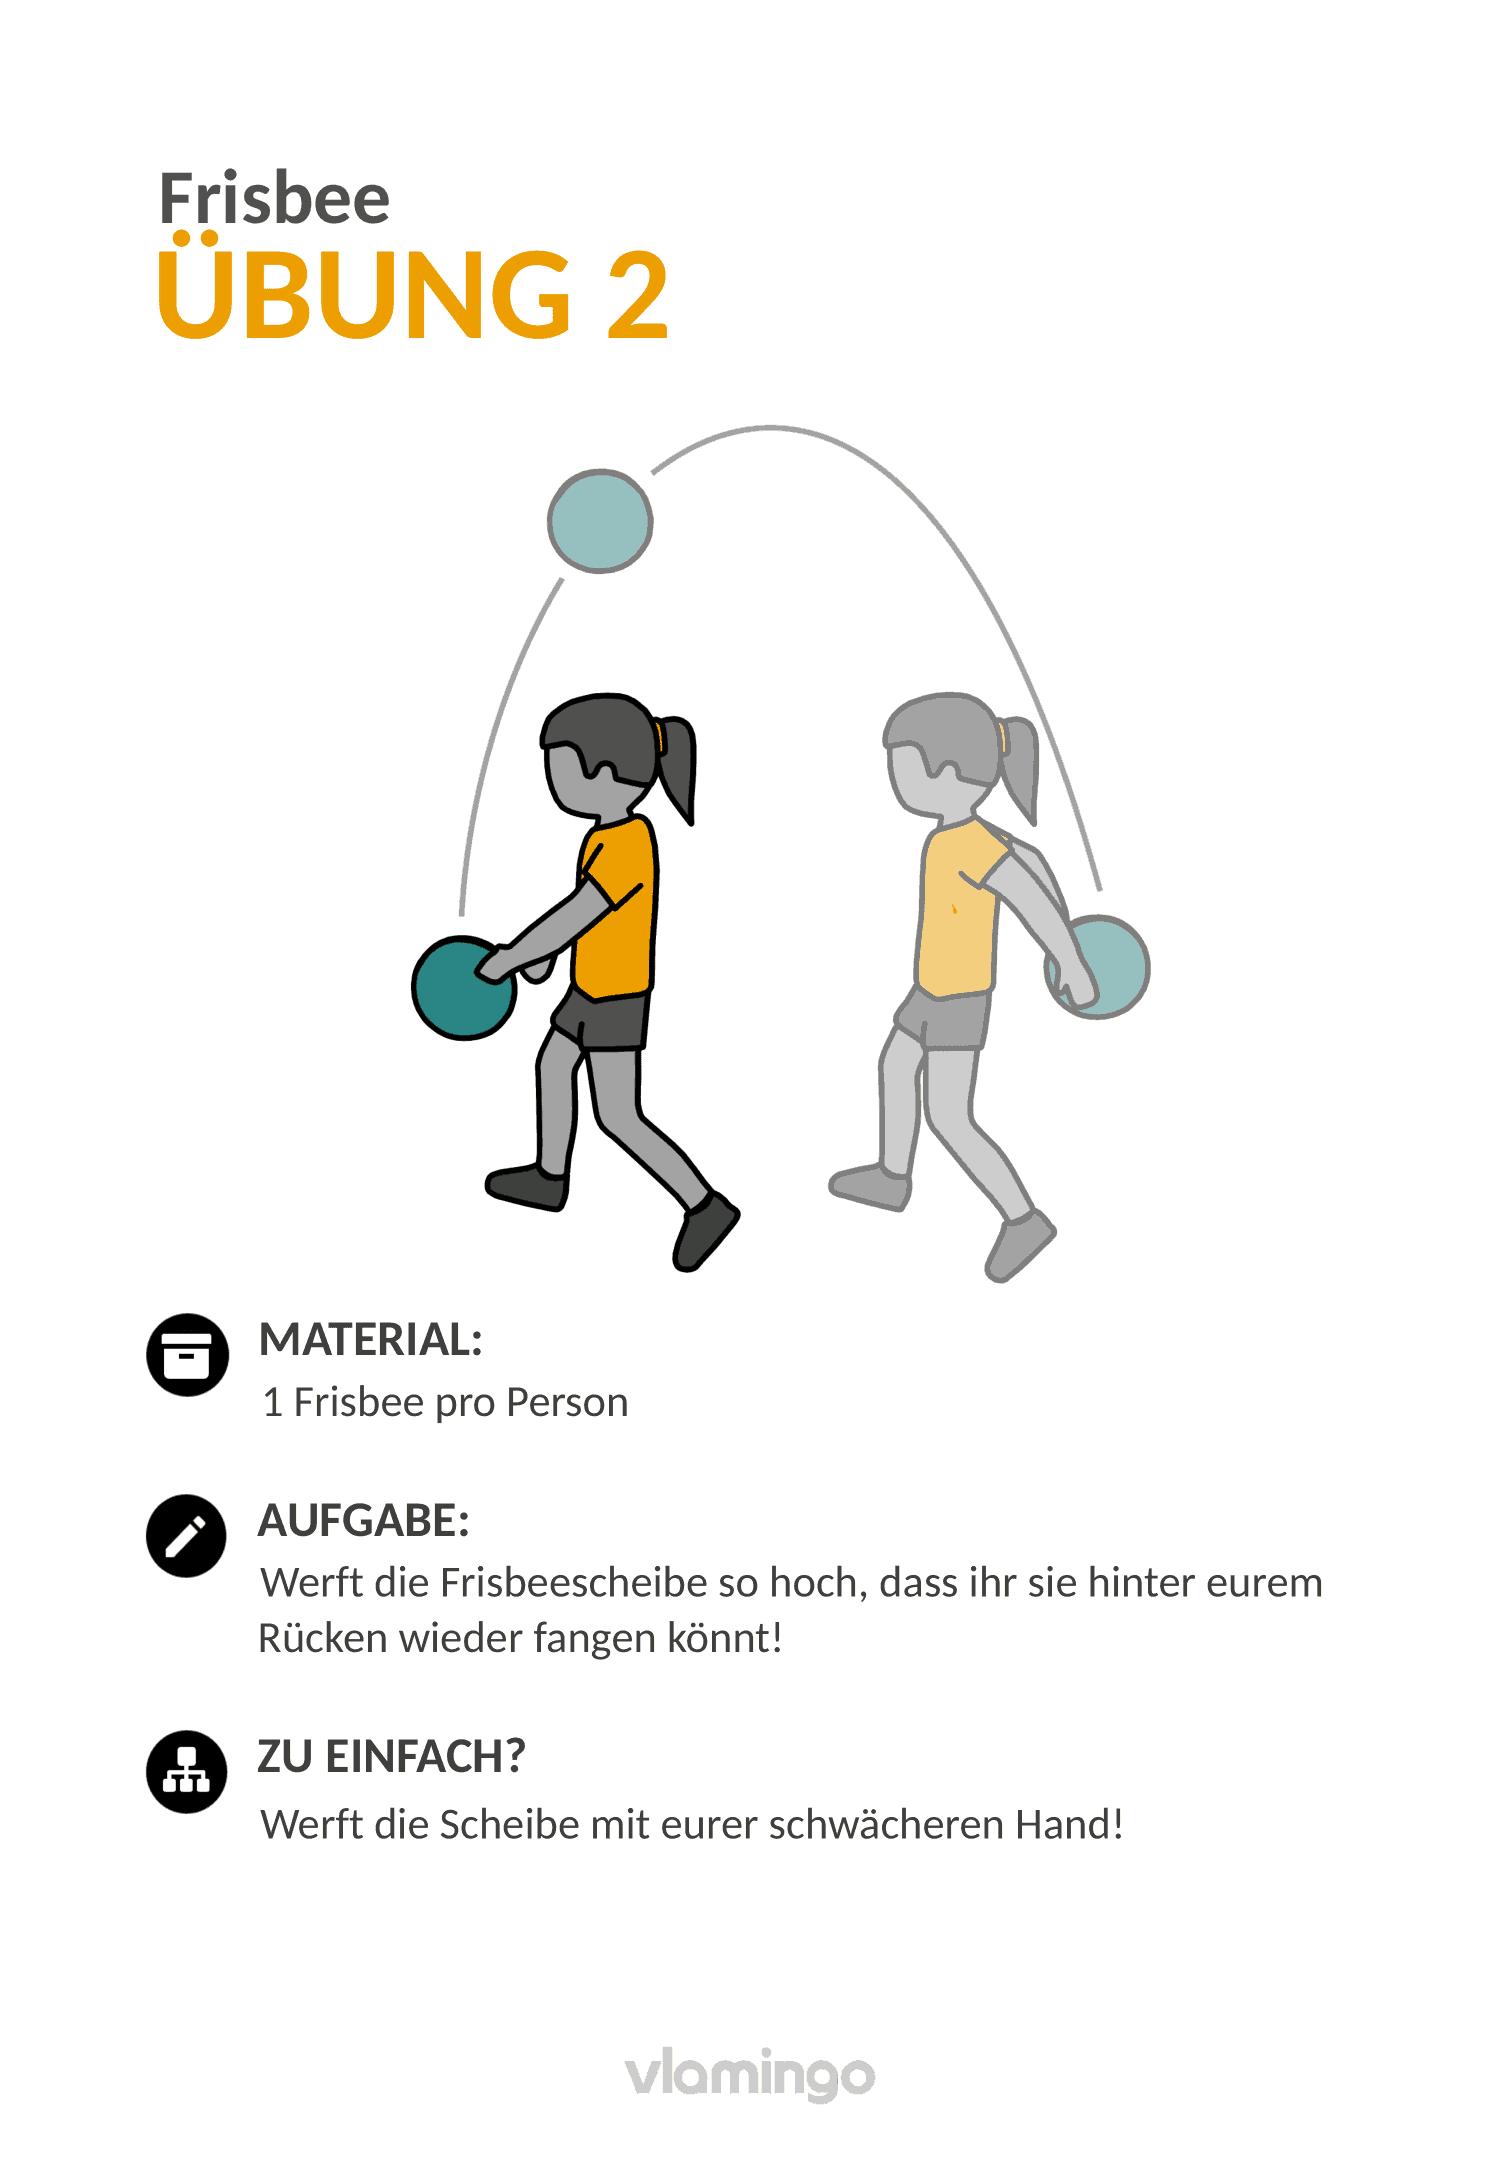 Frisbee - Übung 2